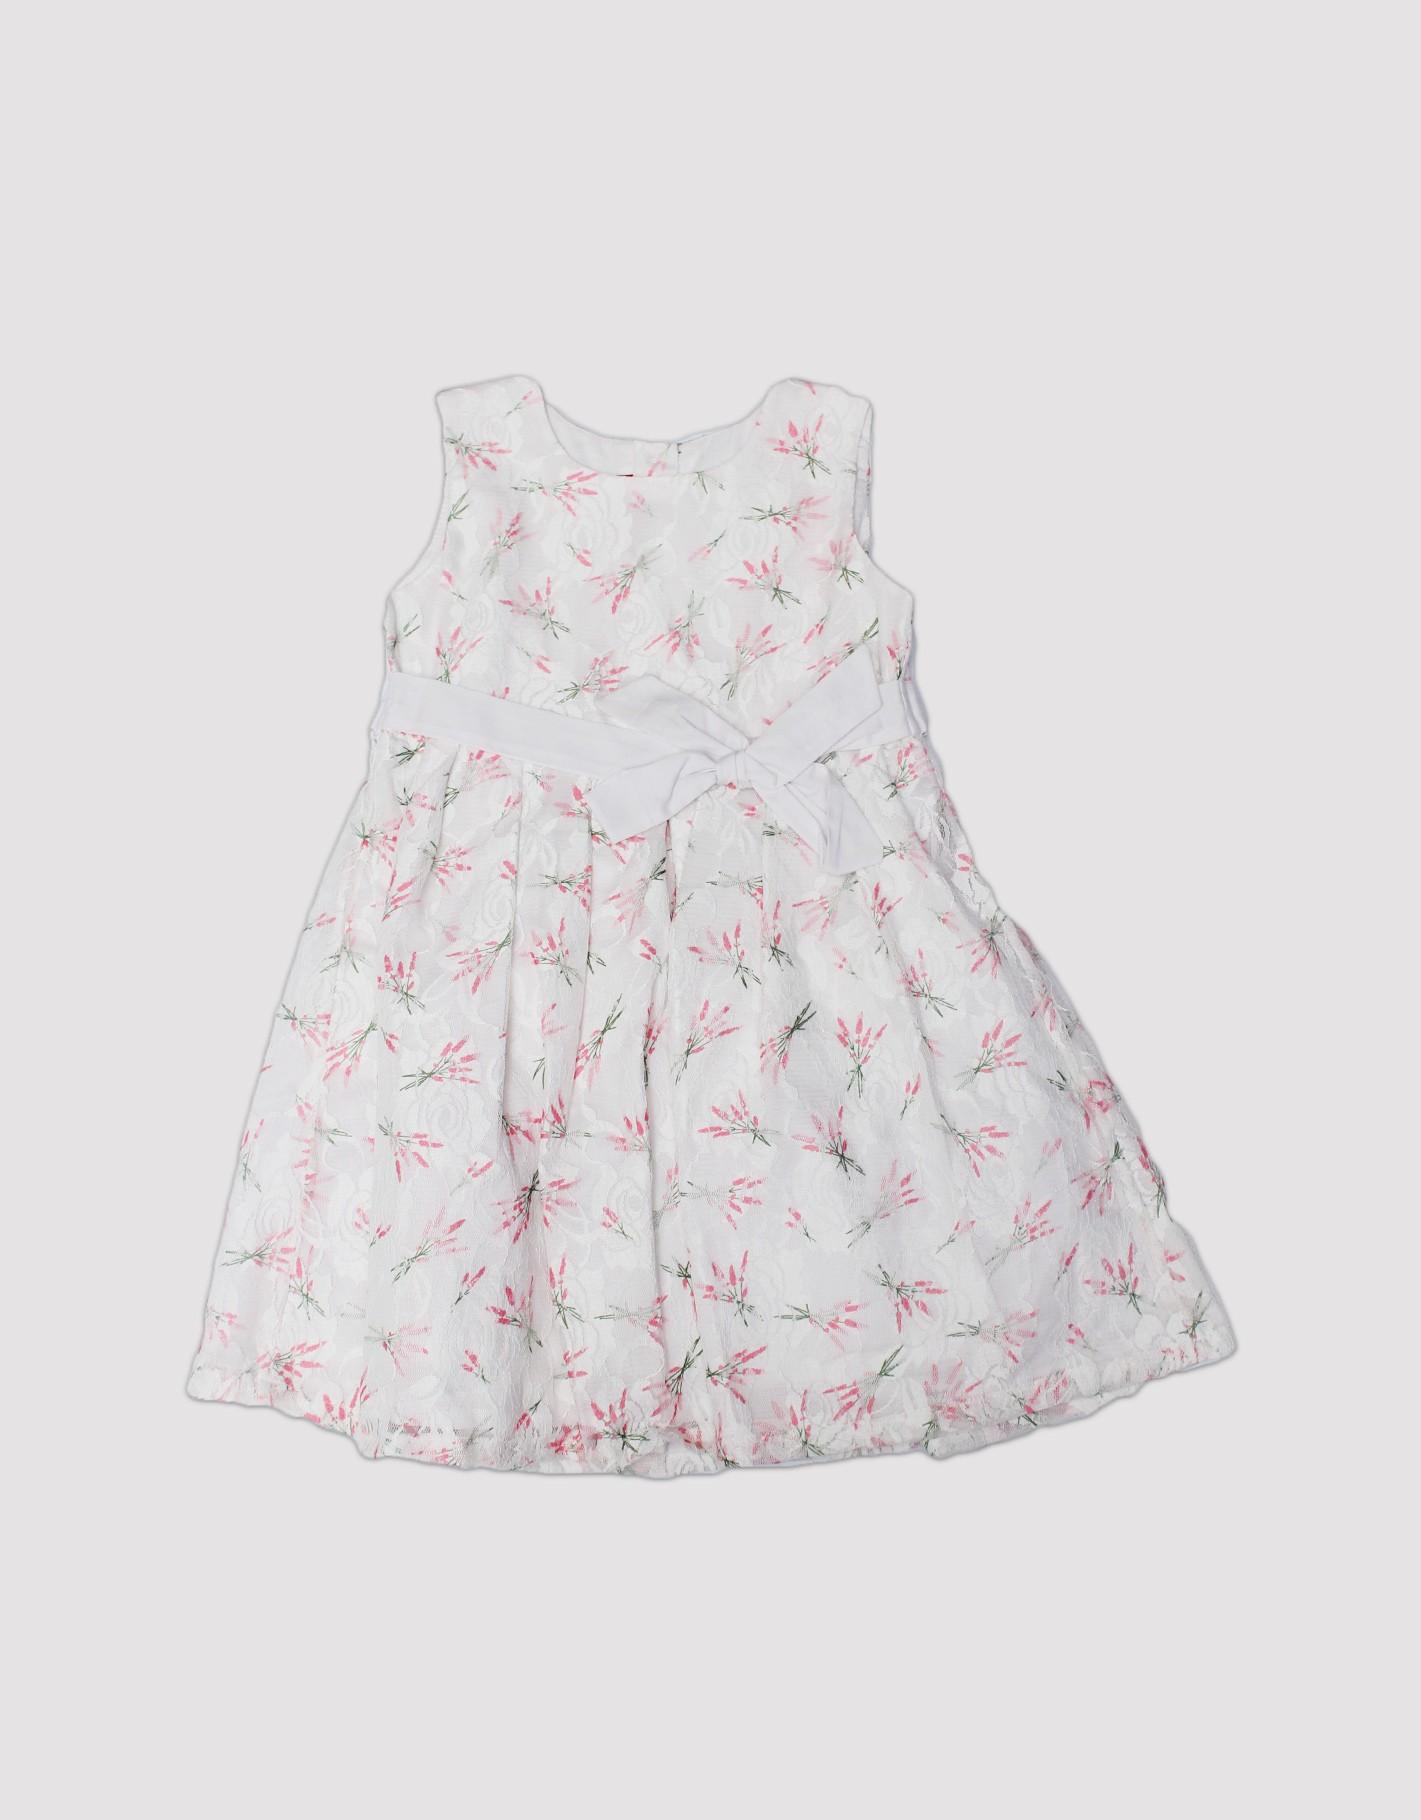 Minnie-Minors-baby-t-shirt-12